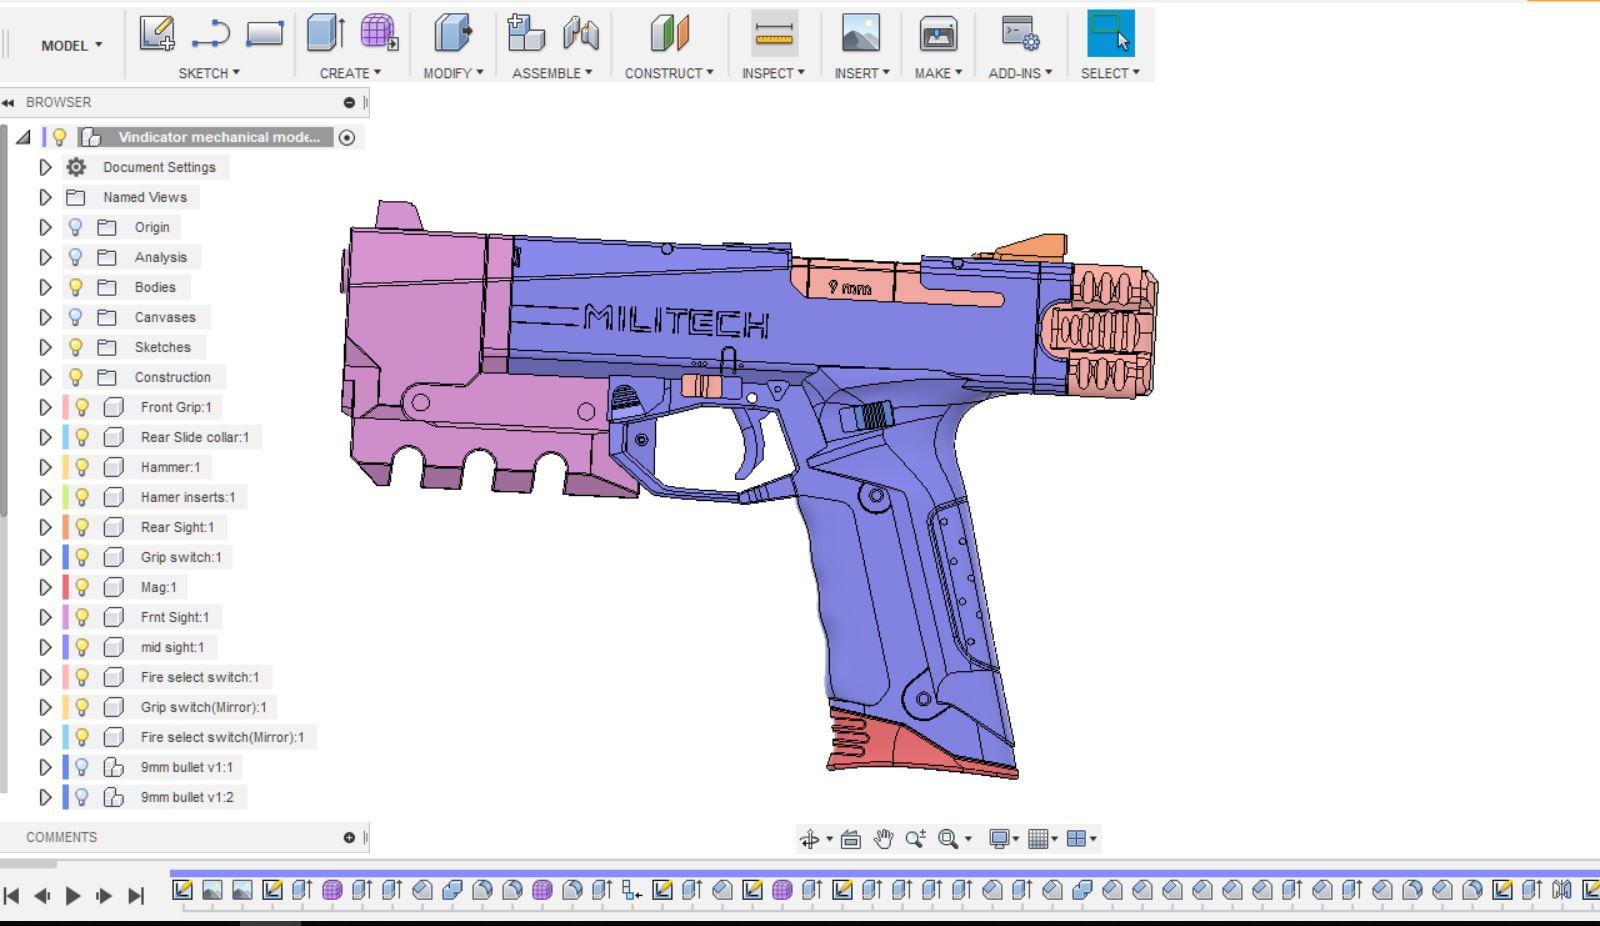 cyberpunk 2077 vindicator gun component view.JPG